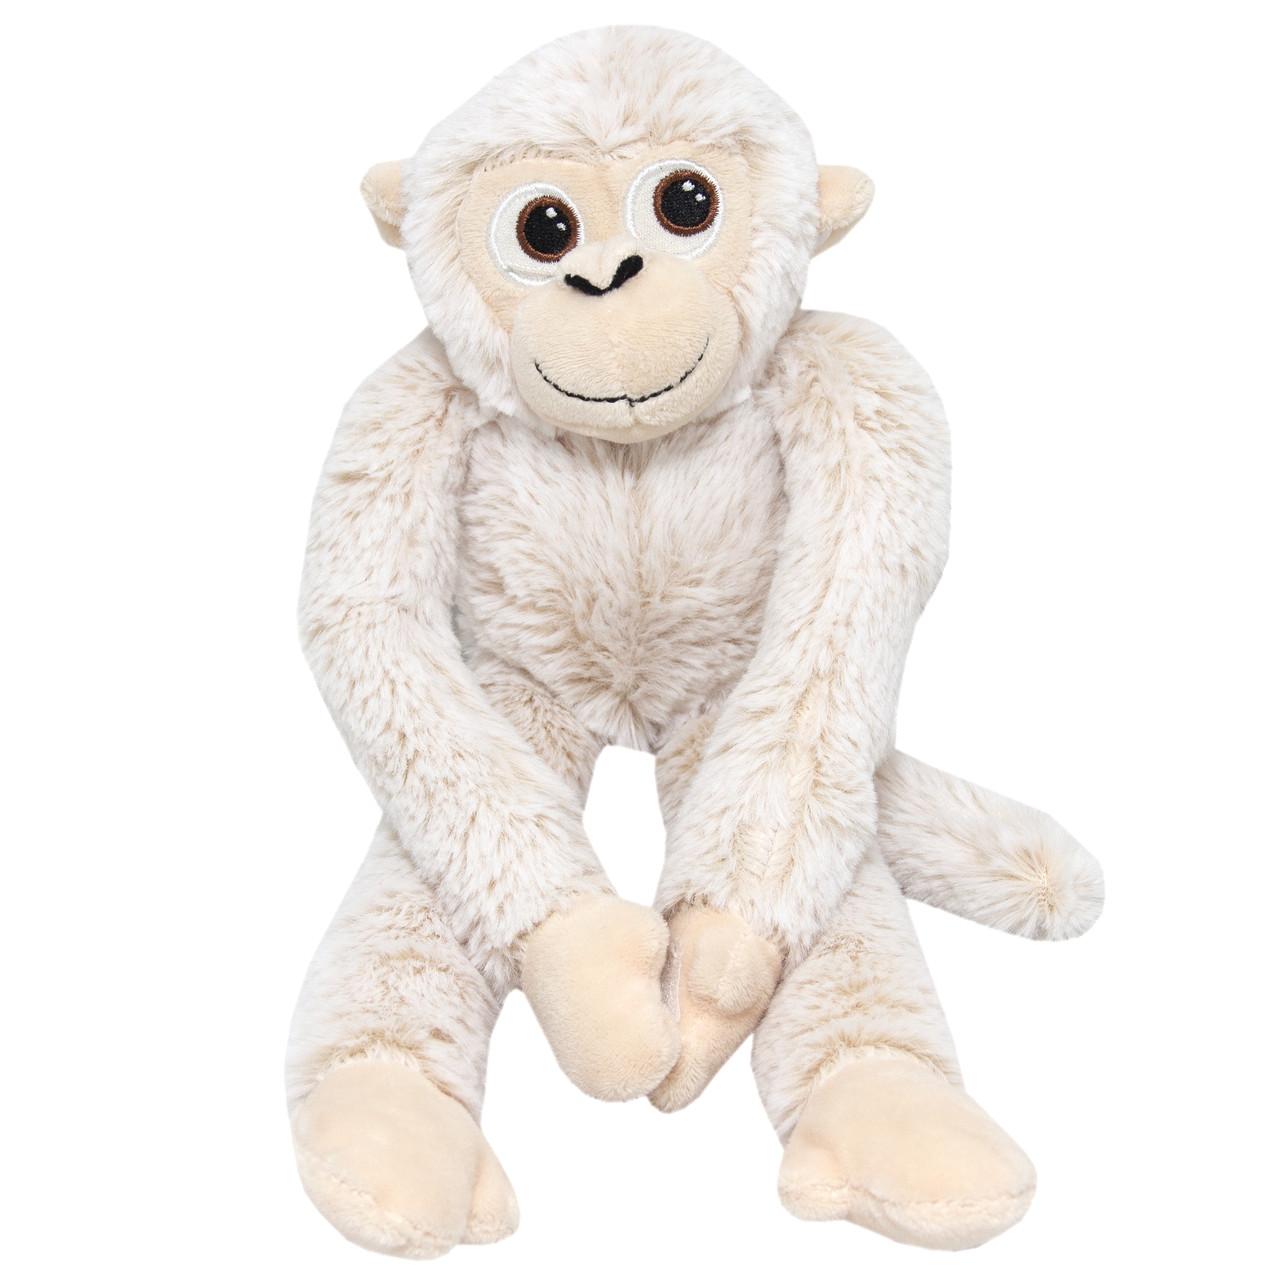 Мягкая игрушка - Обезьянка, 35 см, бежевый, полиэстер (M1424235)